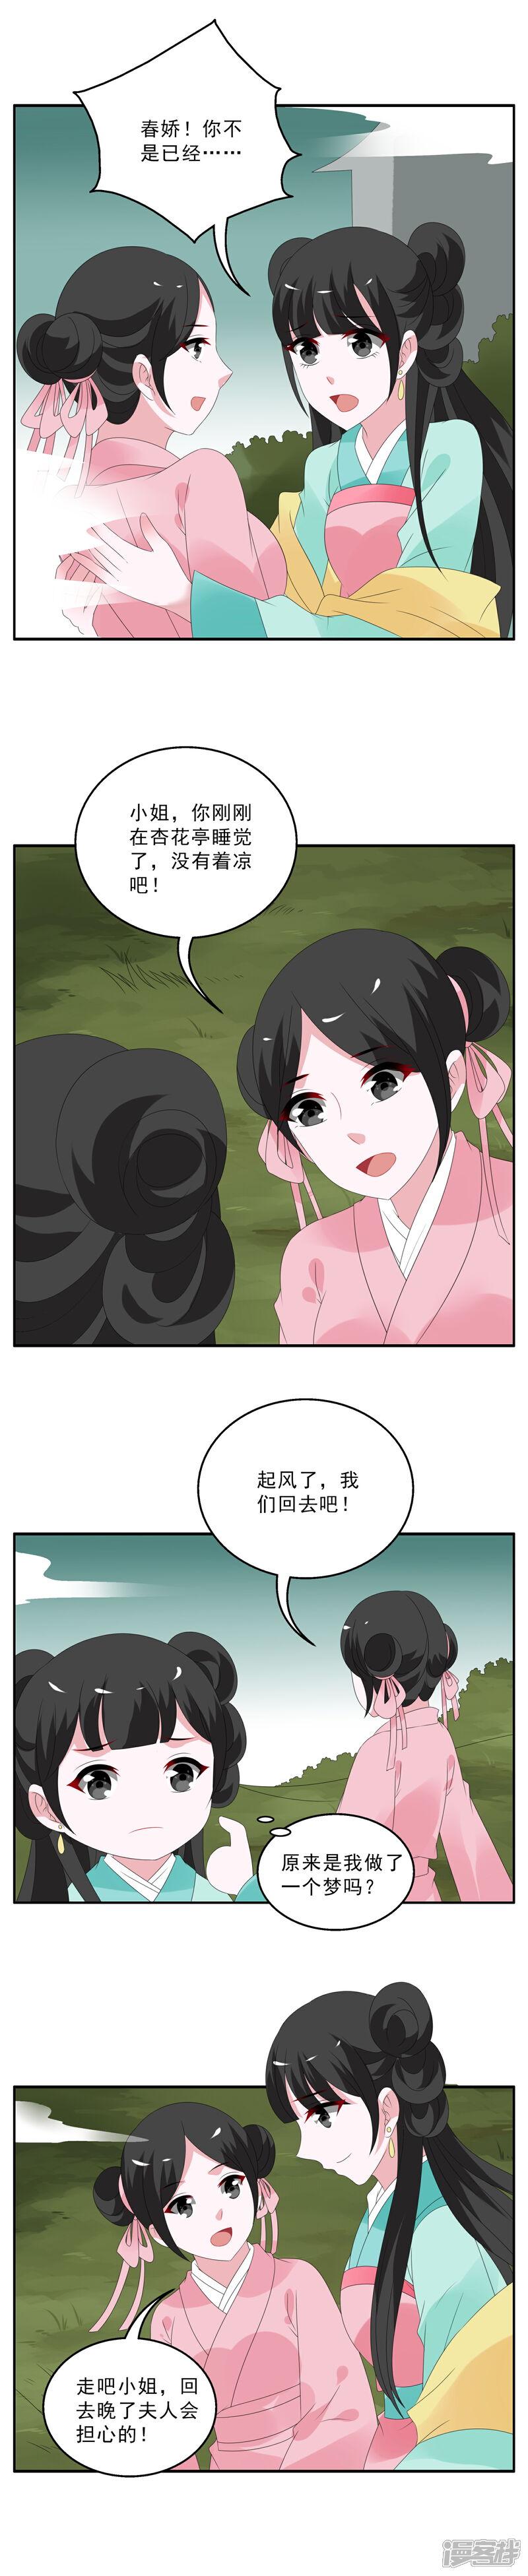 洛小妖135 (6).JPG